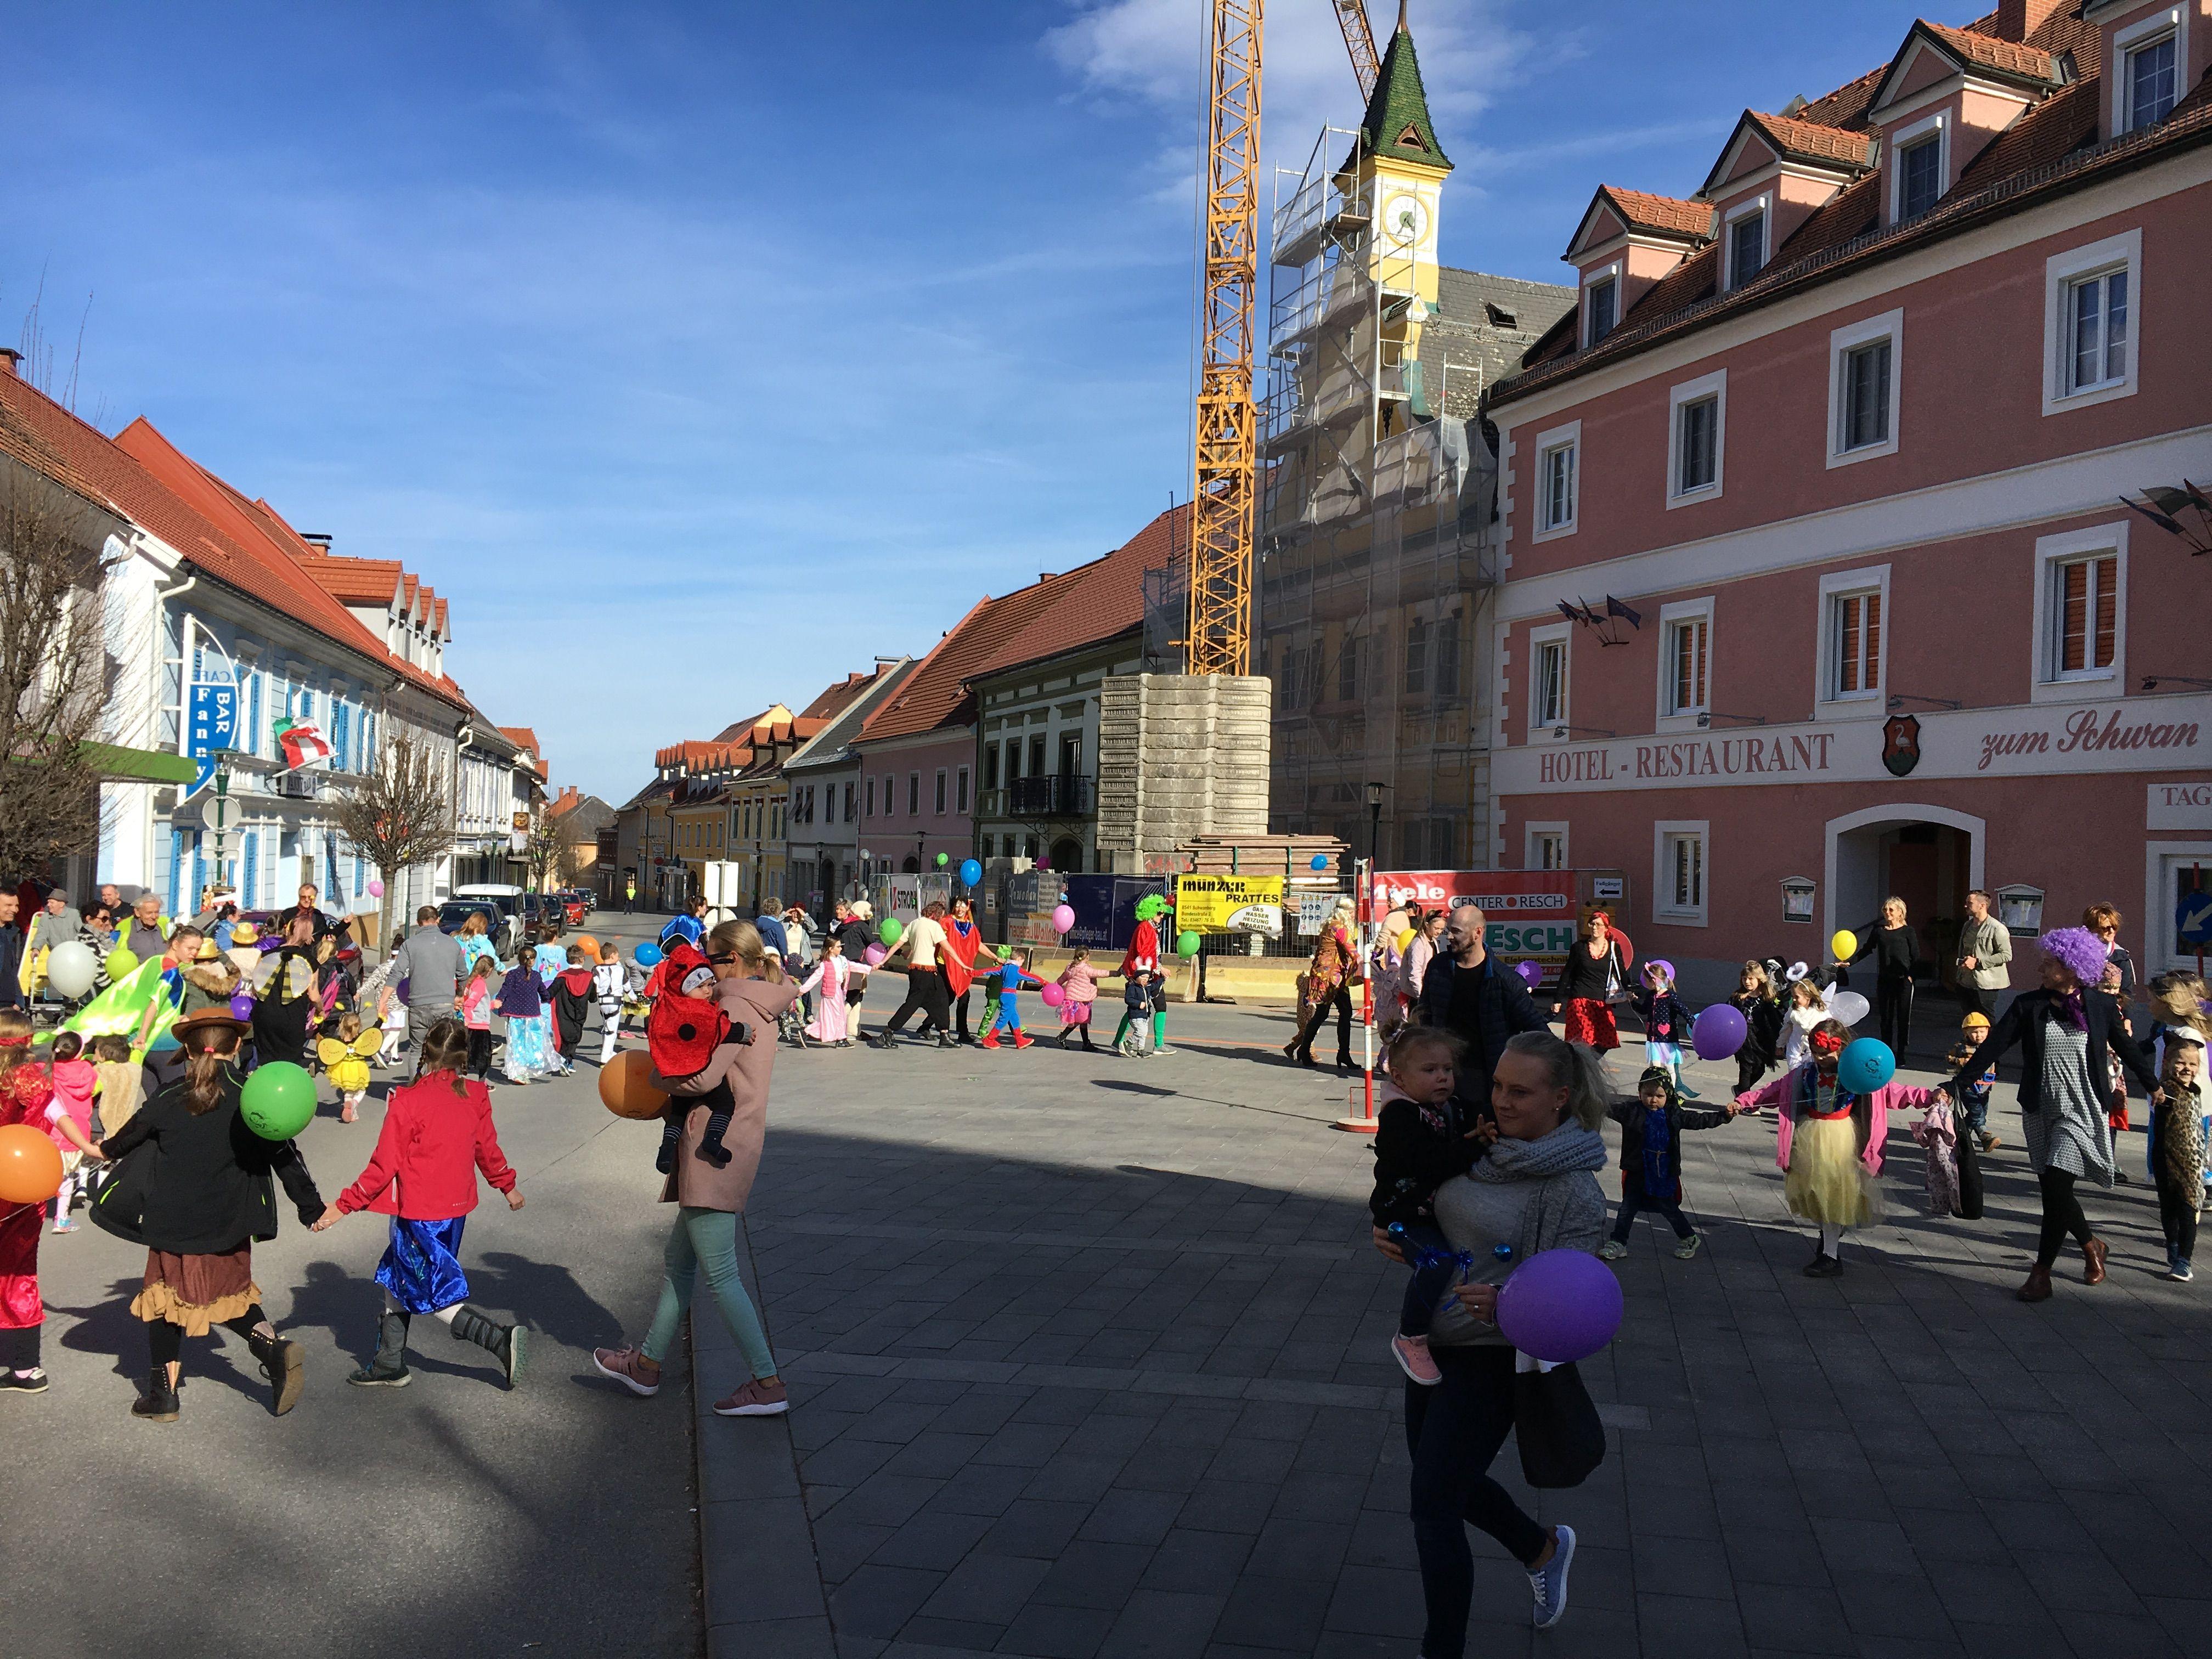 Schwanberg in Steiermark - Thema auf rematesbancarios.com